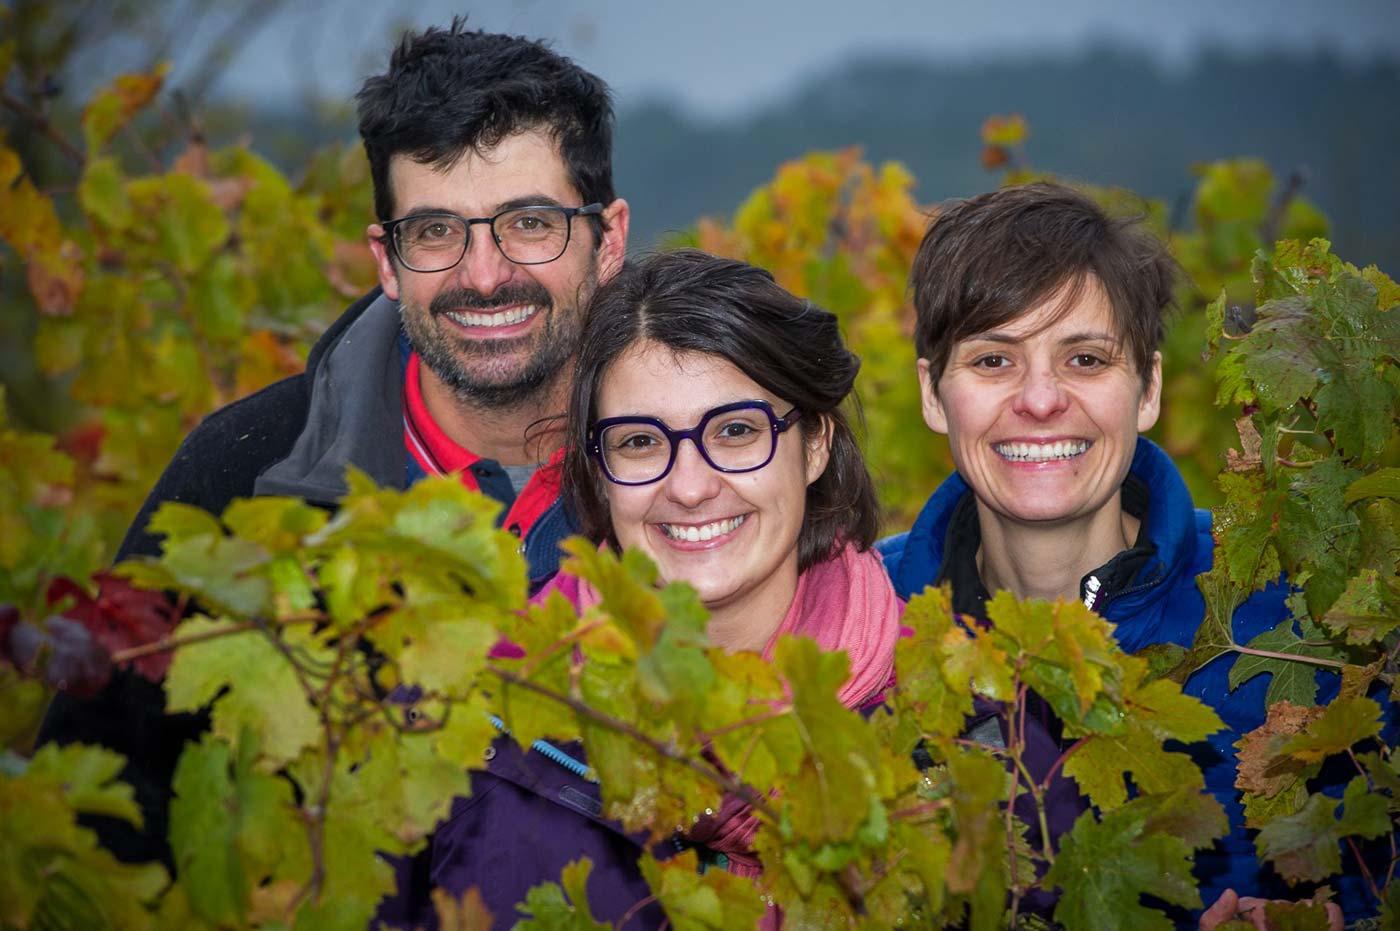 Portait de la famille Caslot dans les vignes en automne